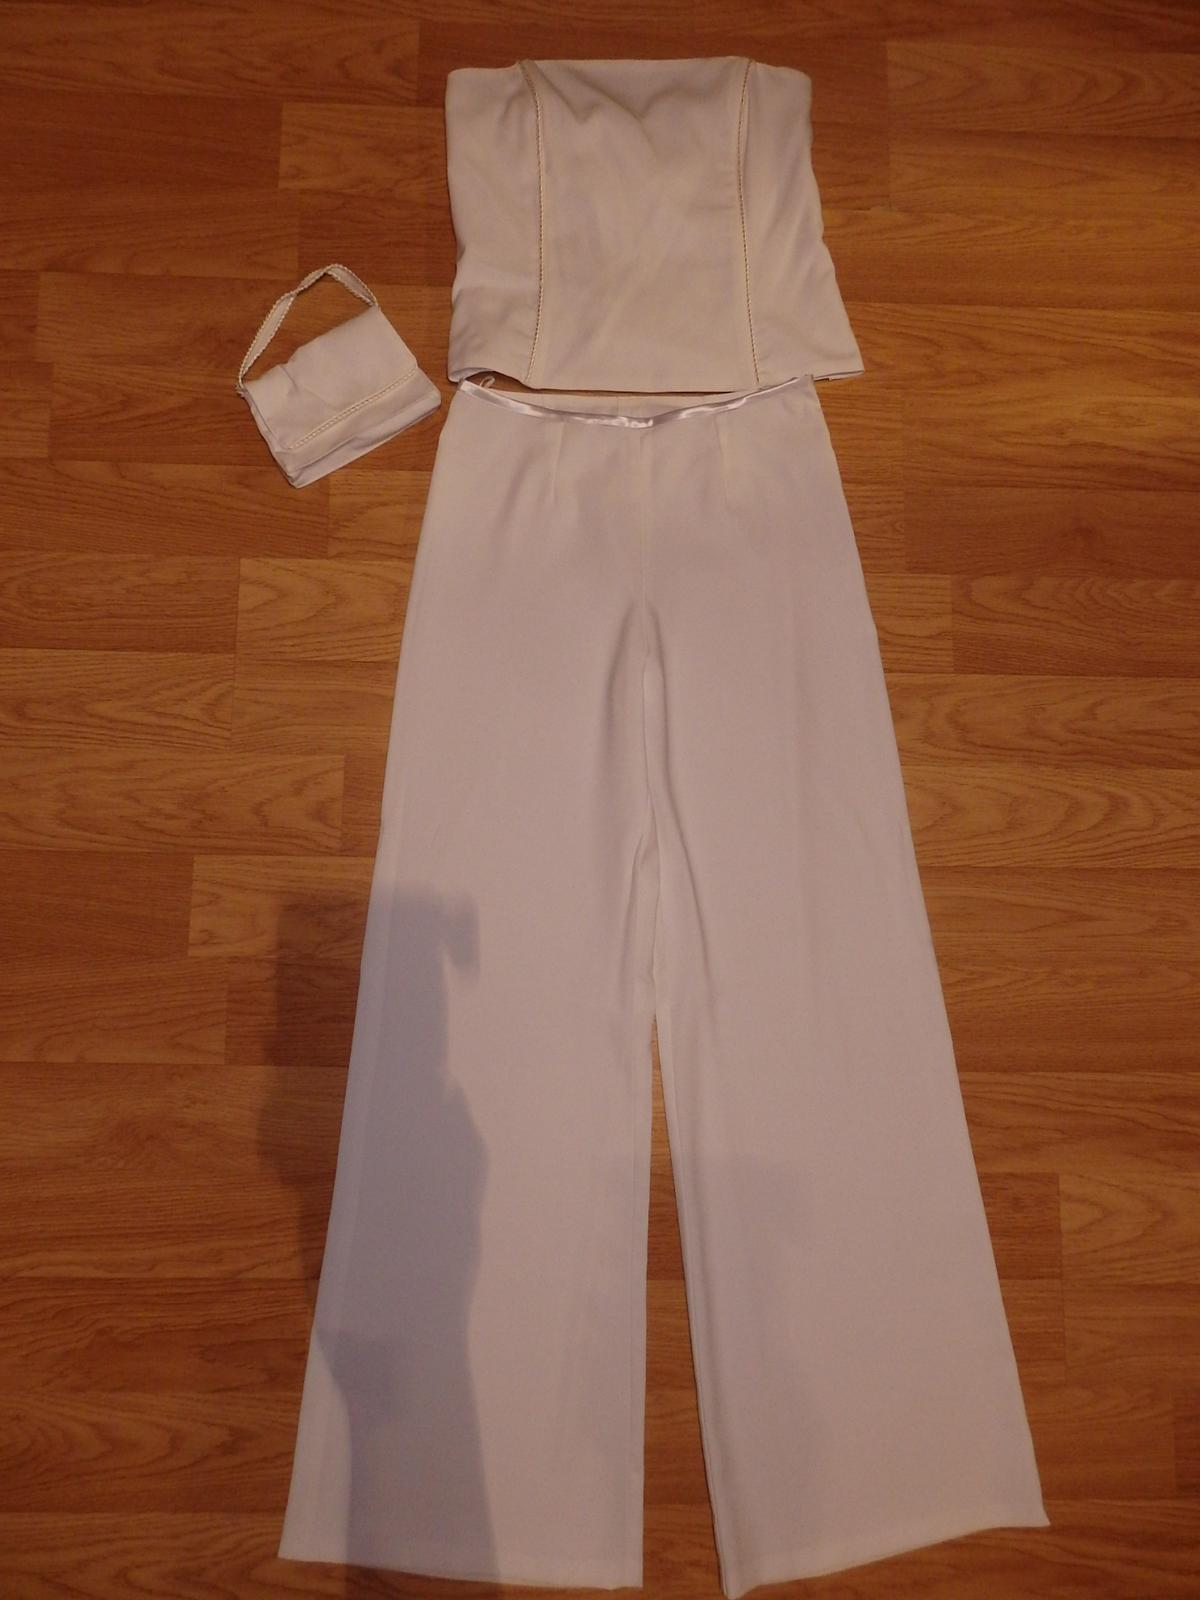 biely nohavicový kostým - Obrázok č. 1